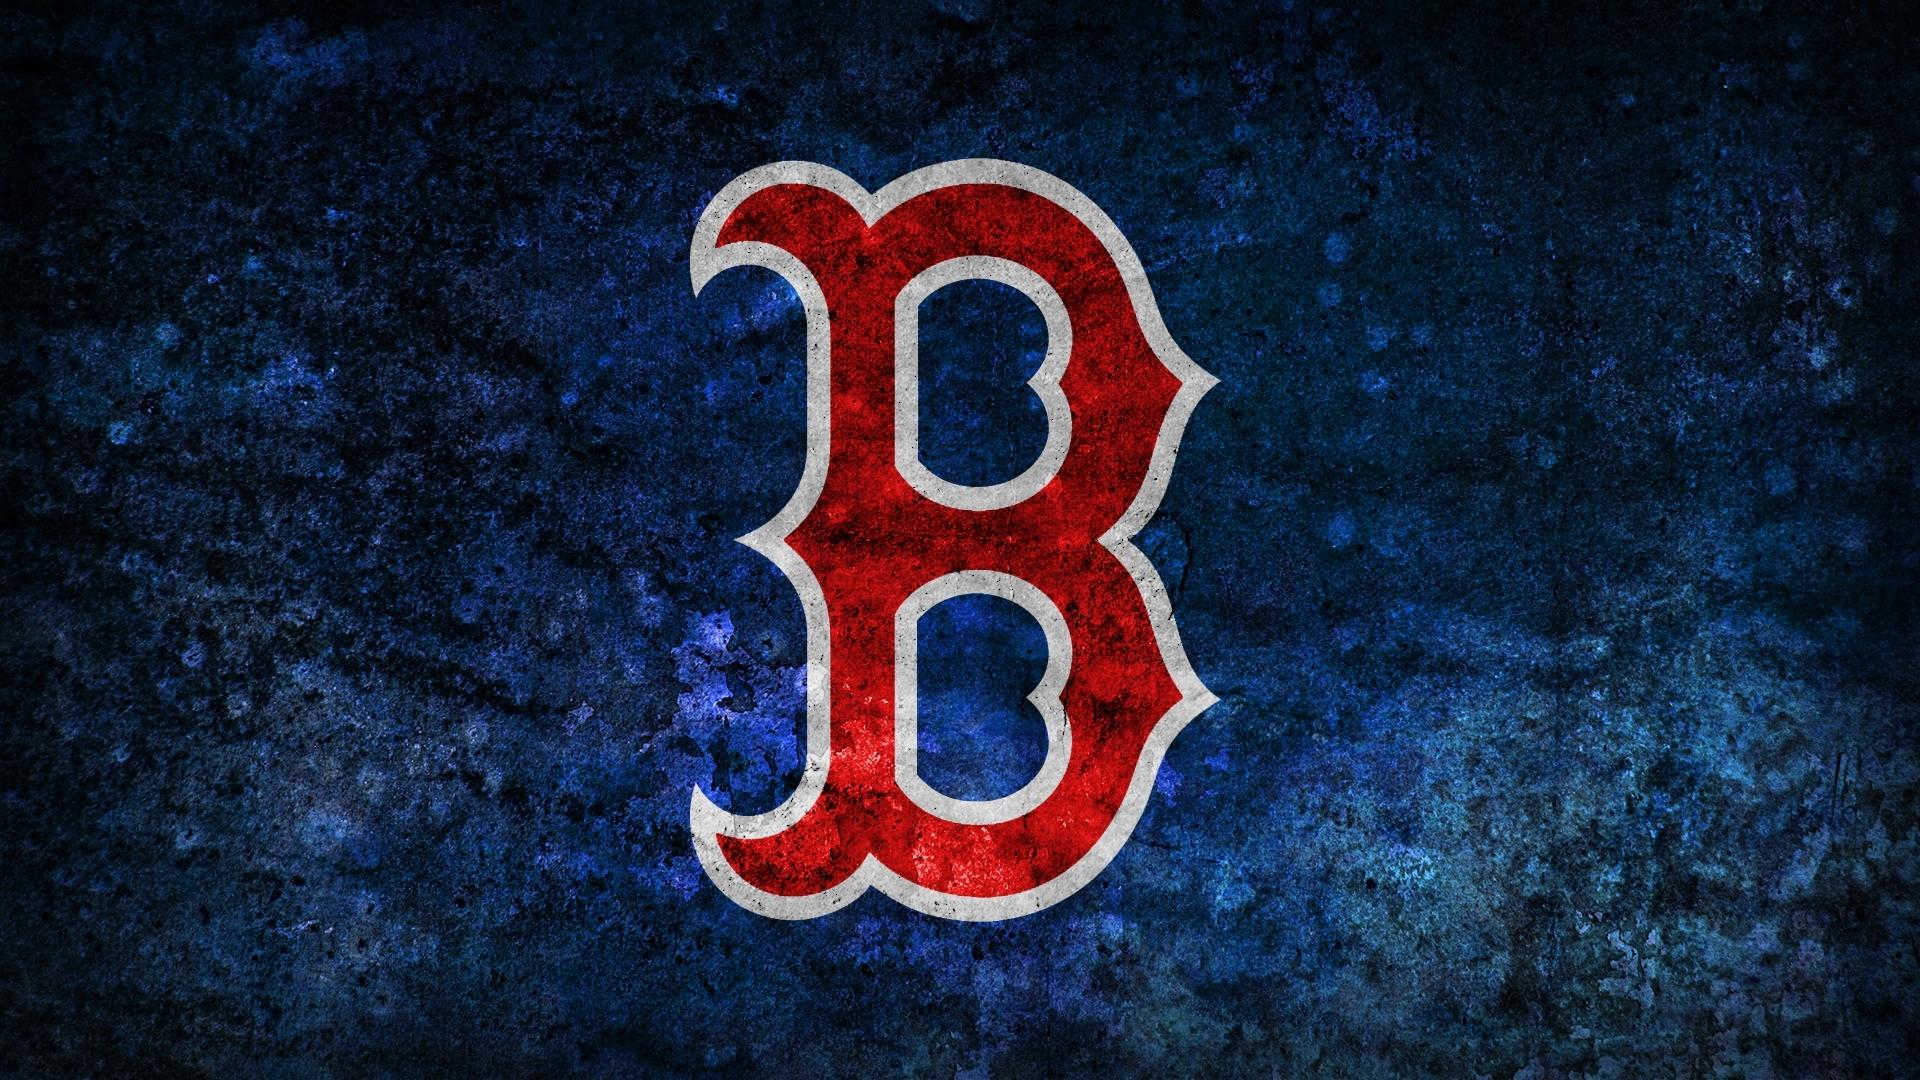 boston-red-sox-logo-wallpaper | wallpaper.wiki